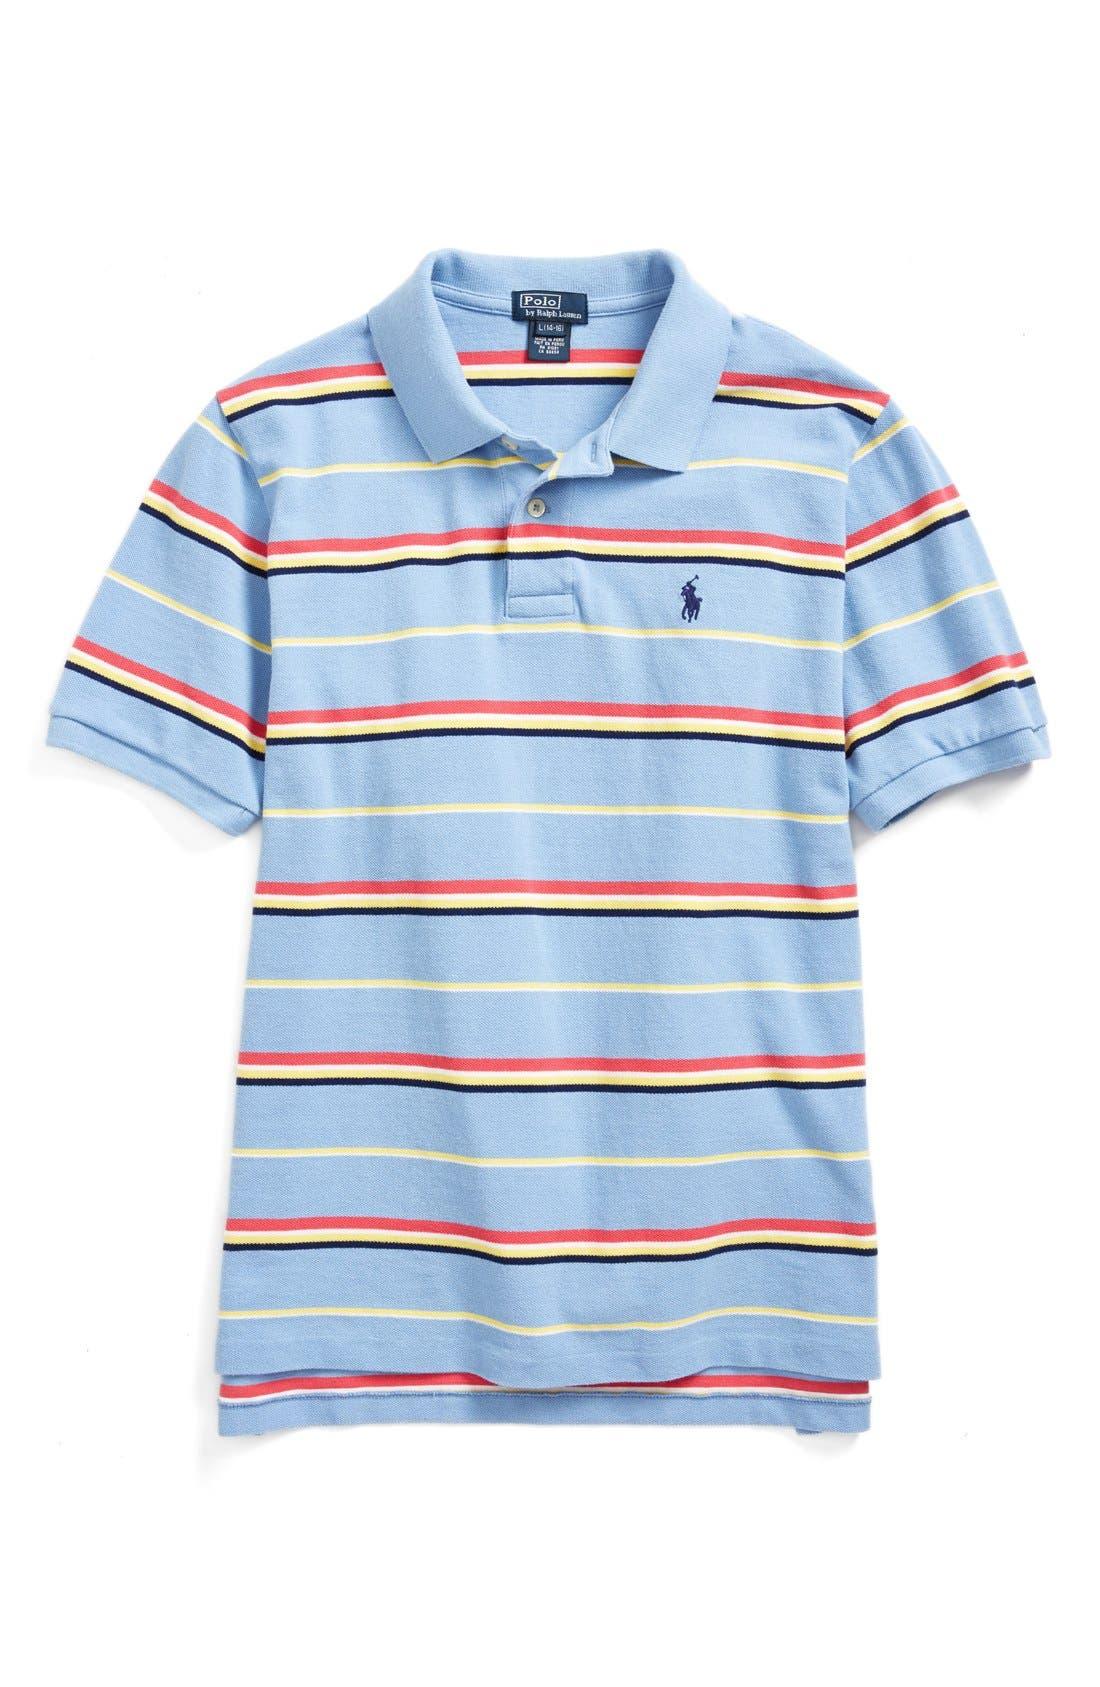 Alternate Image 1 Selected - Ralph Lauren Stripe Mesh Polo (Little Boys)